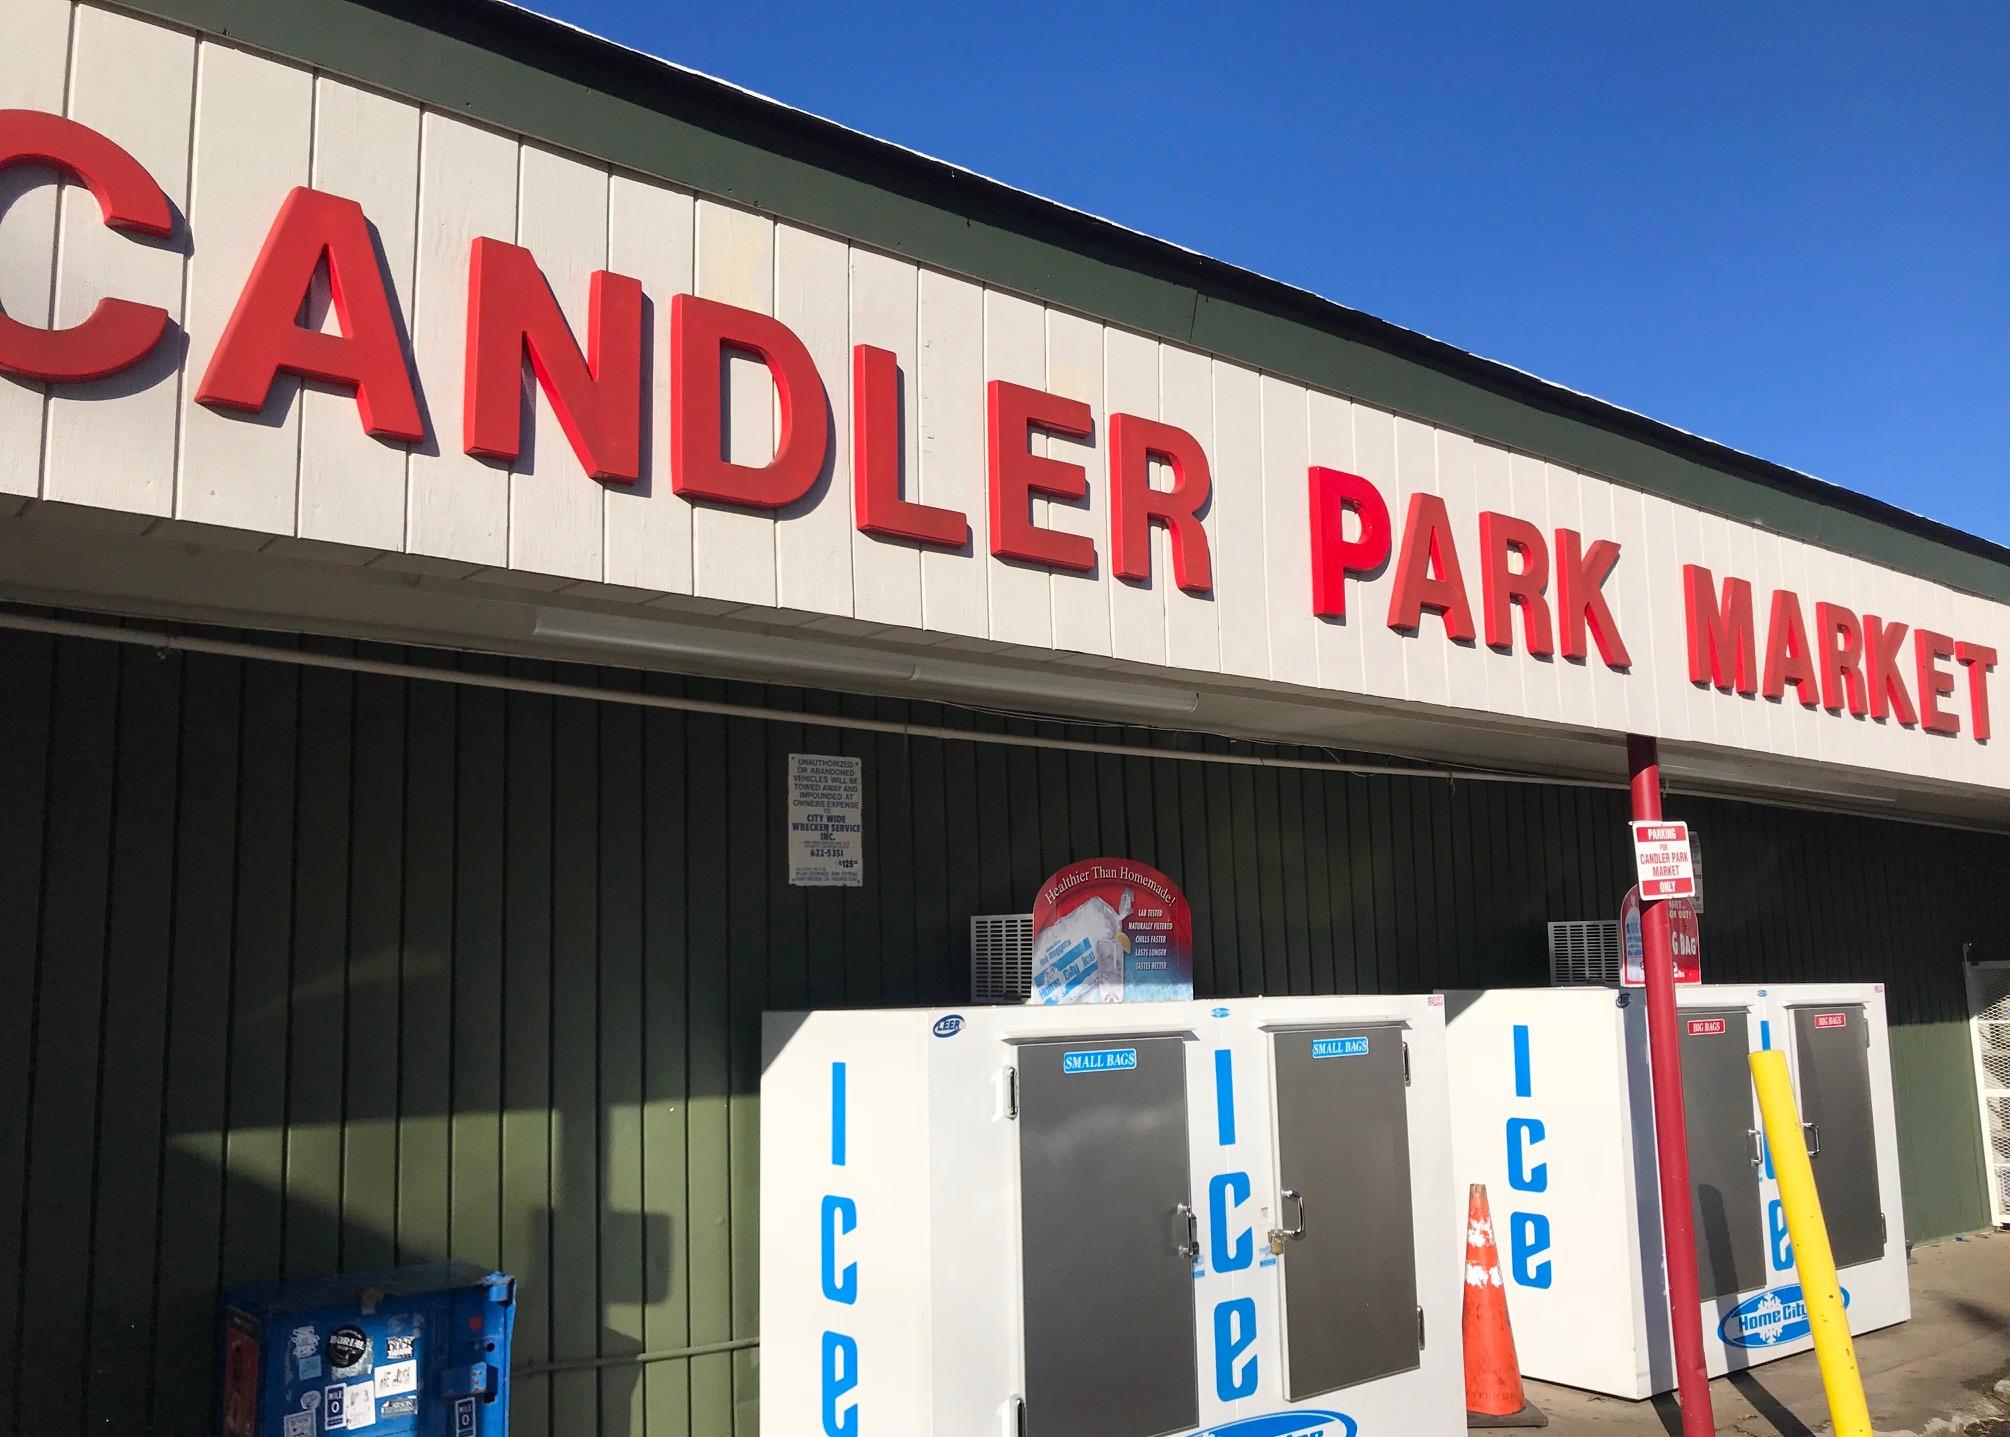 CandlerParkNov2018_01